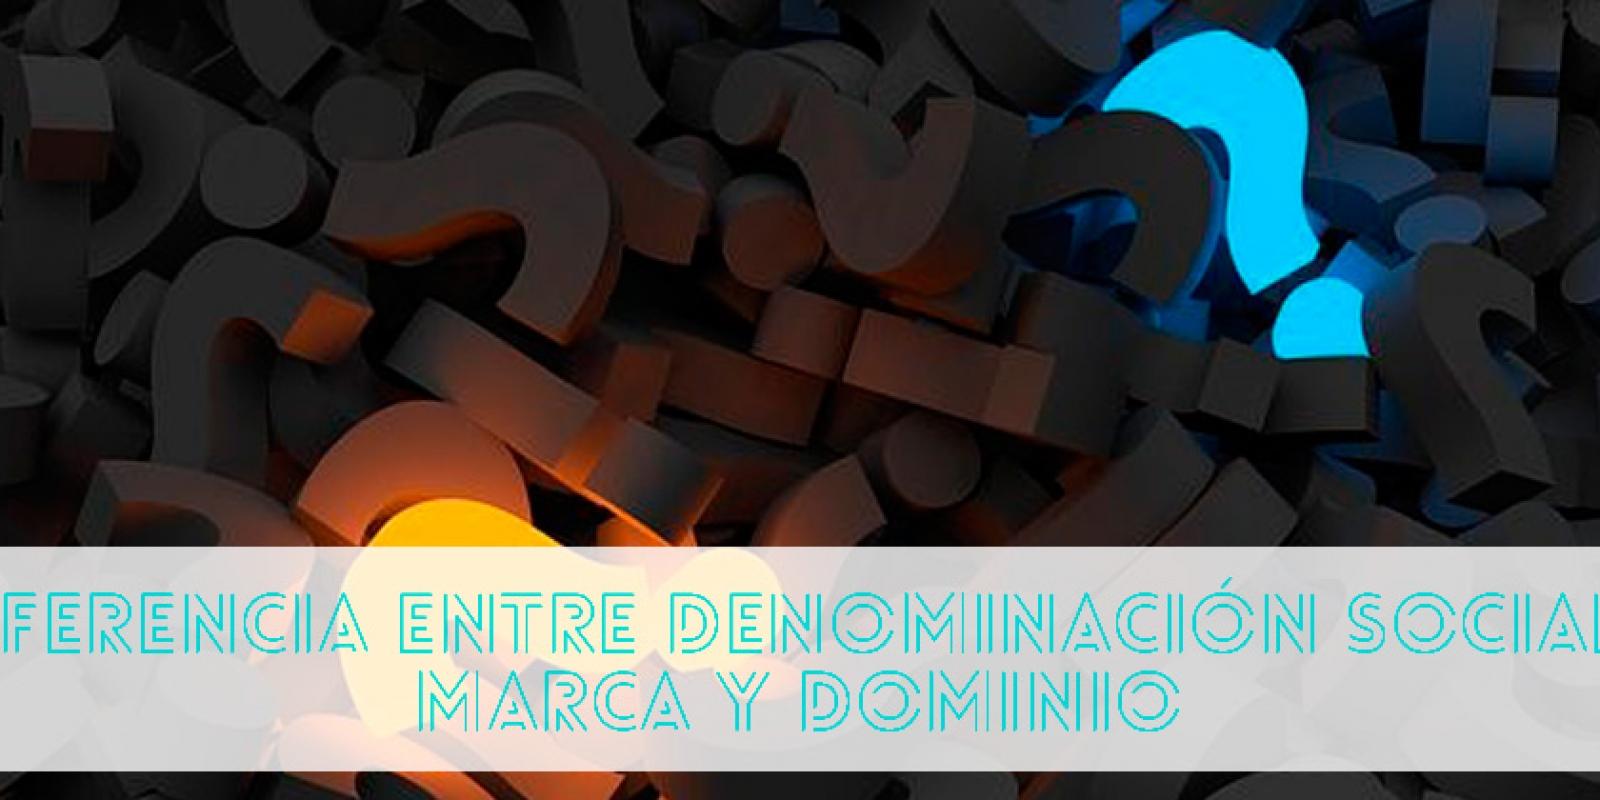 Denominación social, marca y dominio